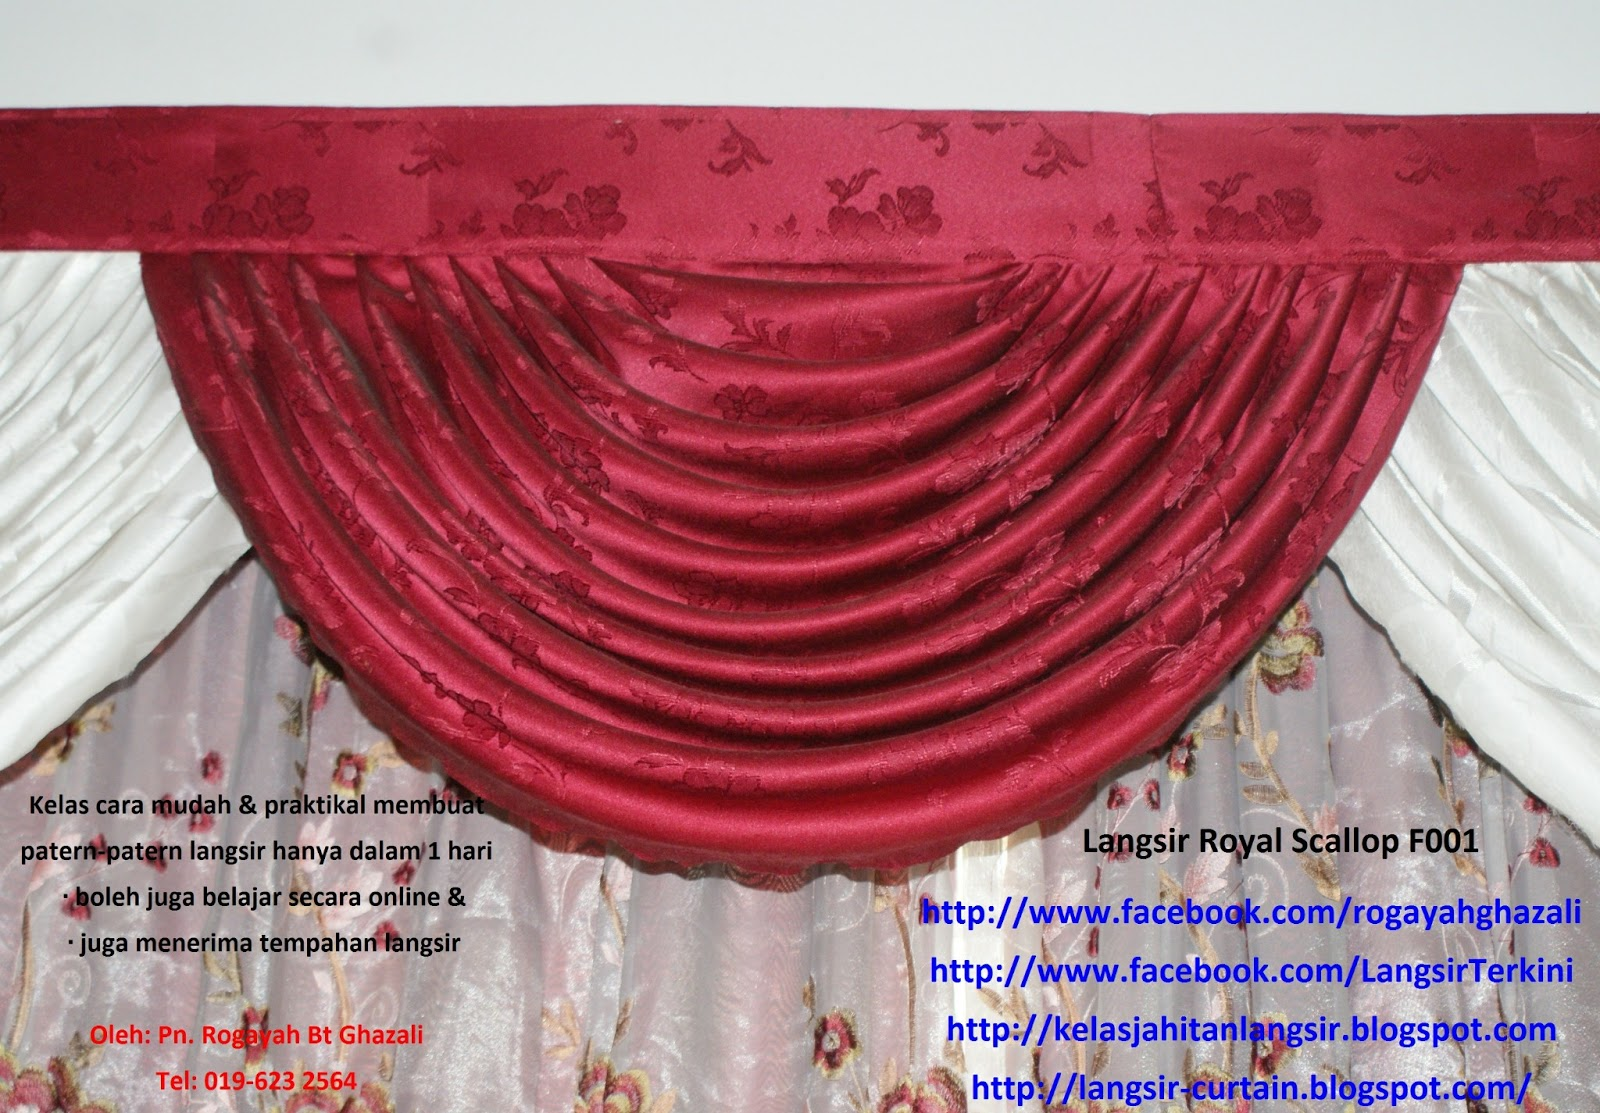 Belajar Jahit Langsir Cara Mudah Hanya Dlm 1 Hari Roah Ghazali Cikgu 019 623 2564 Membuat Royal Scallop